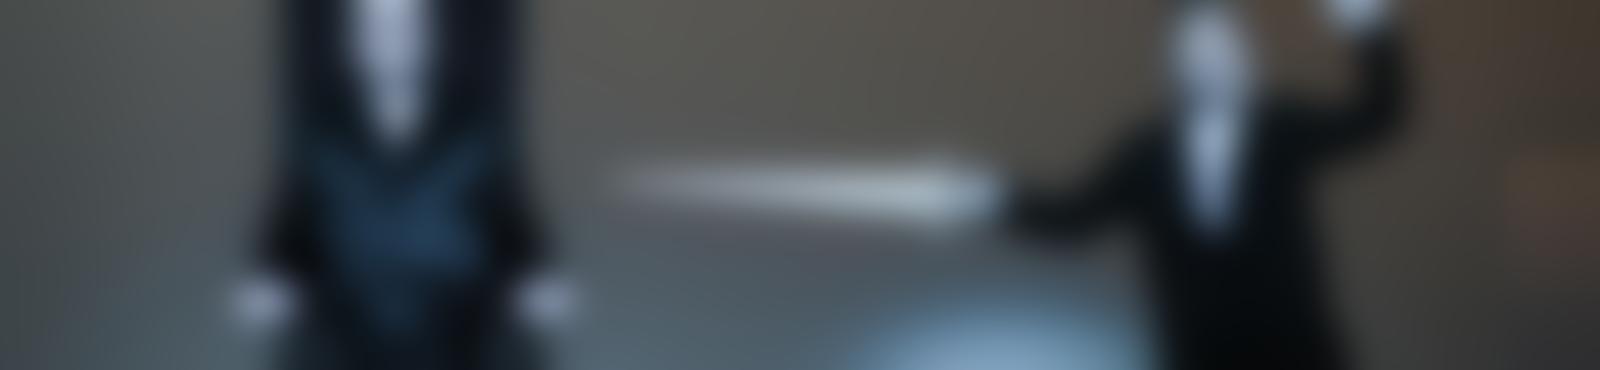 Blurred 1b1760b5 91e9 408d b5d0 71b391c5991f